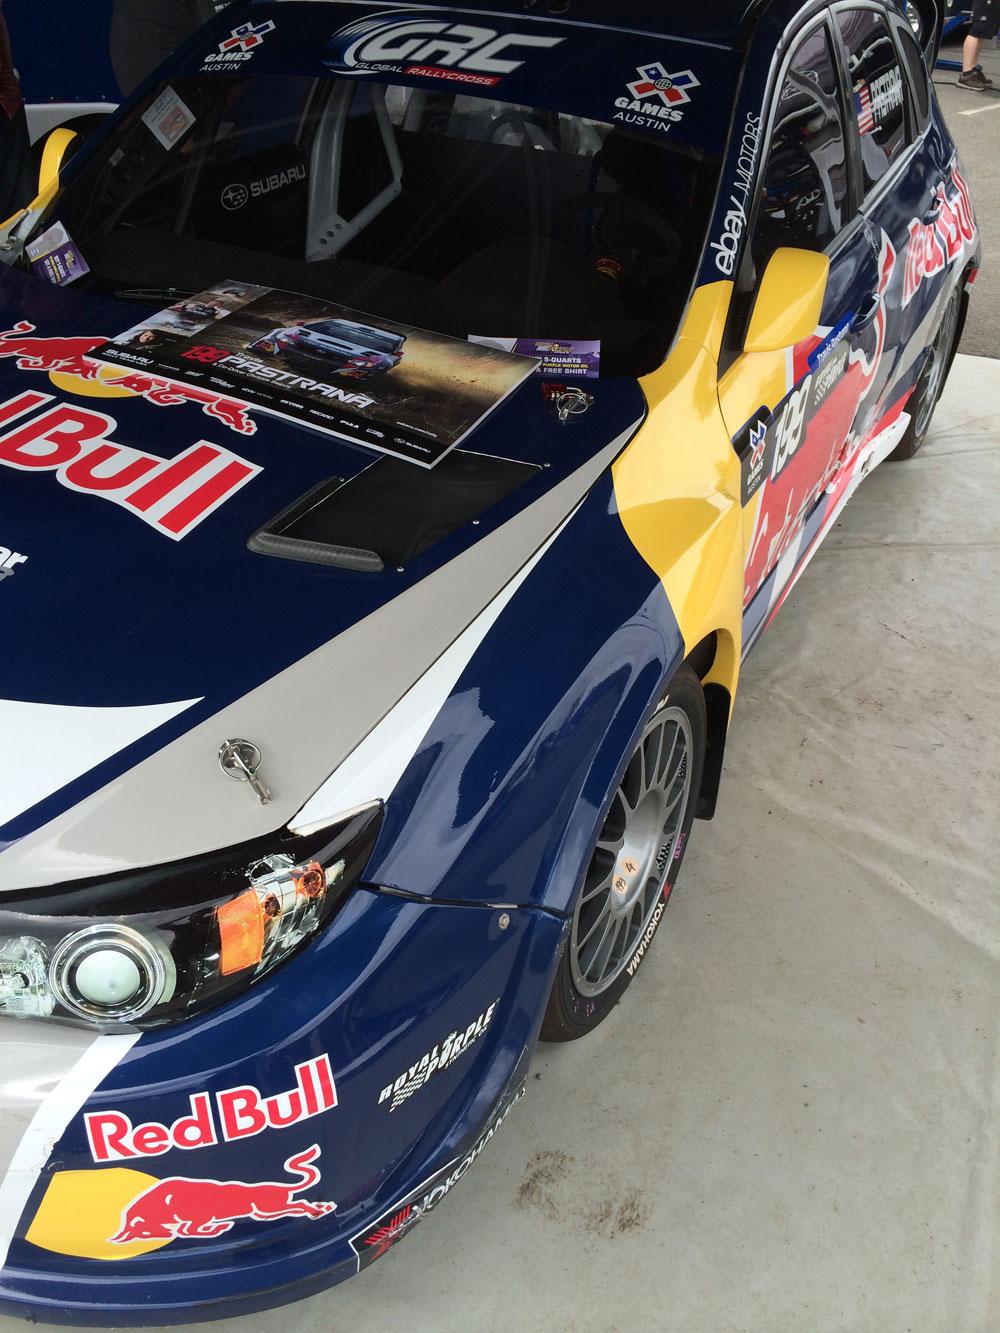 Red Bull, Volkswagen bet on motorsports in D.C.